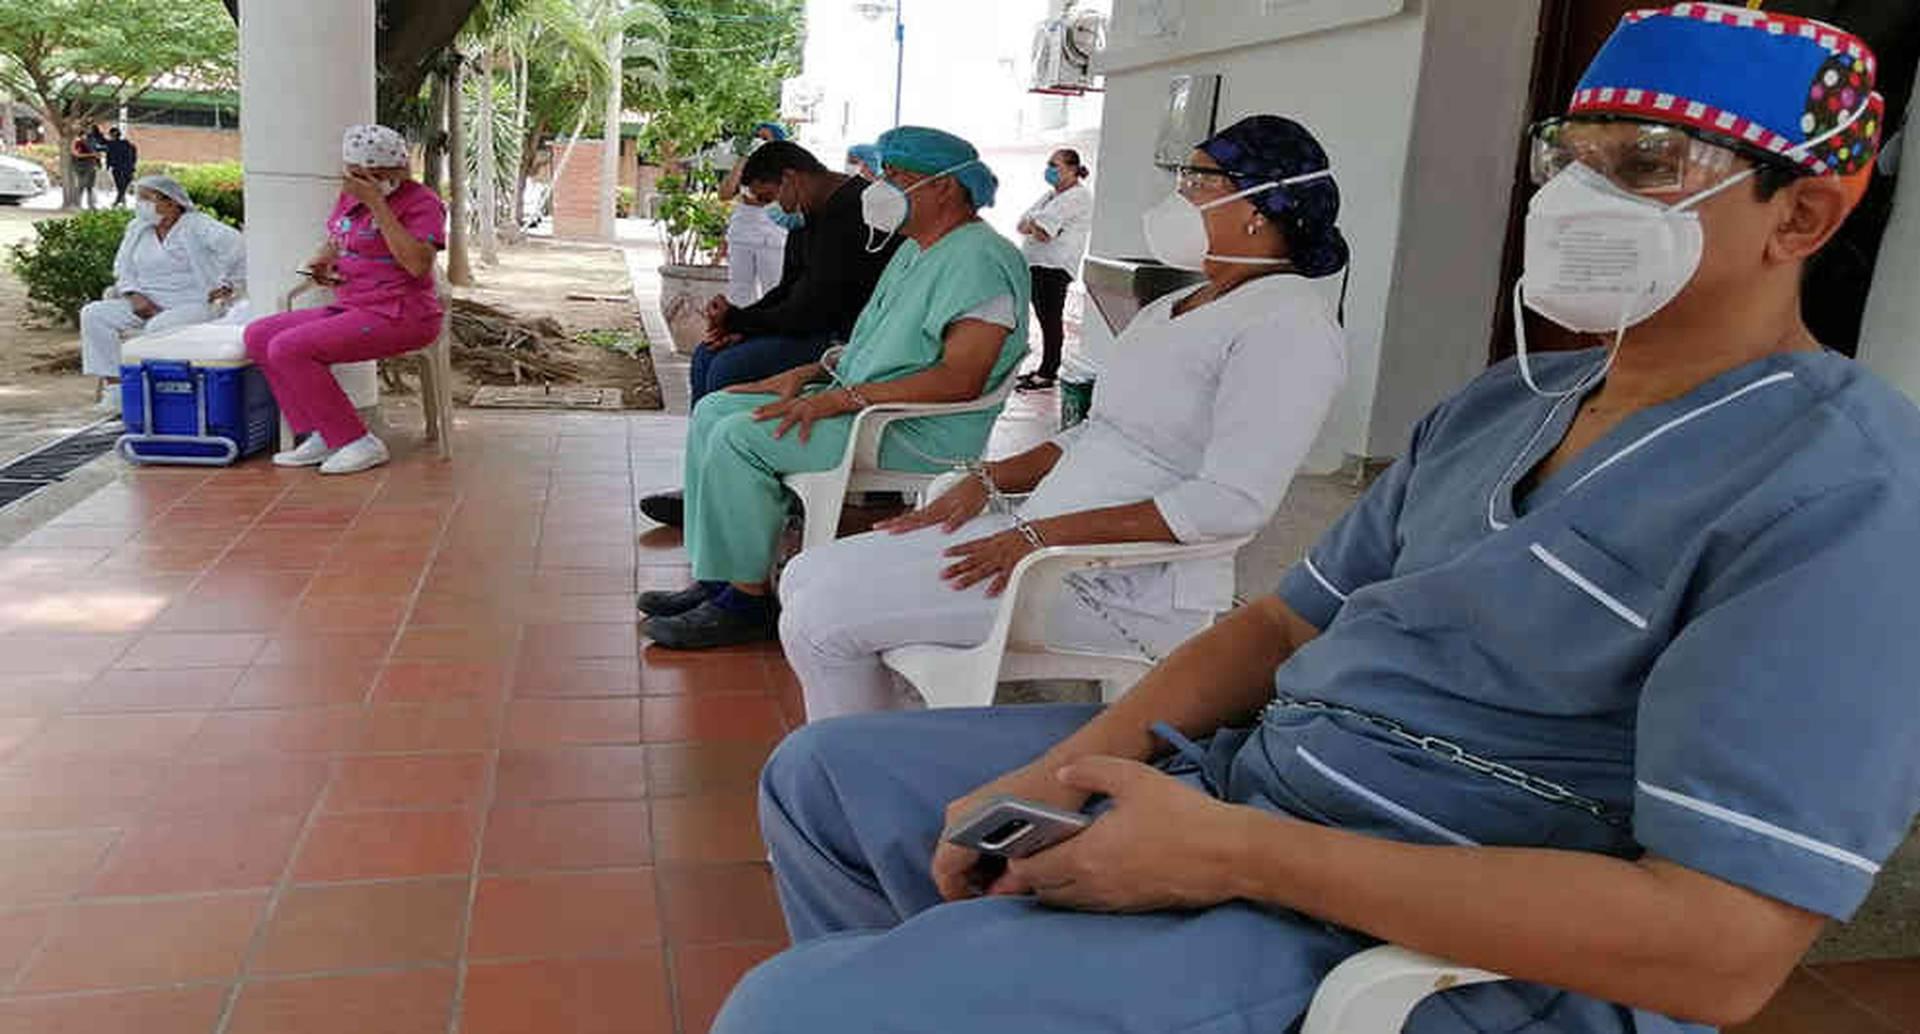 La Superintendencia de Salud anunció una auditoría en el Rosario Pumarejo, para conocer el estado de las deudas del departamento con ese hospital.